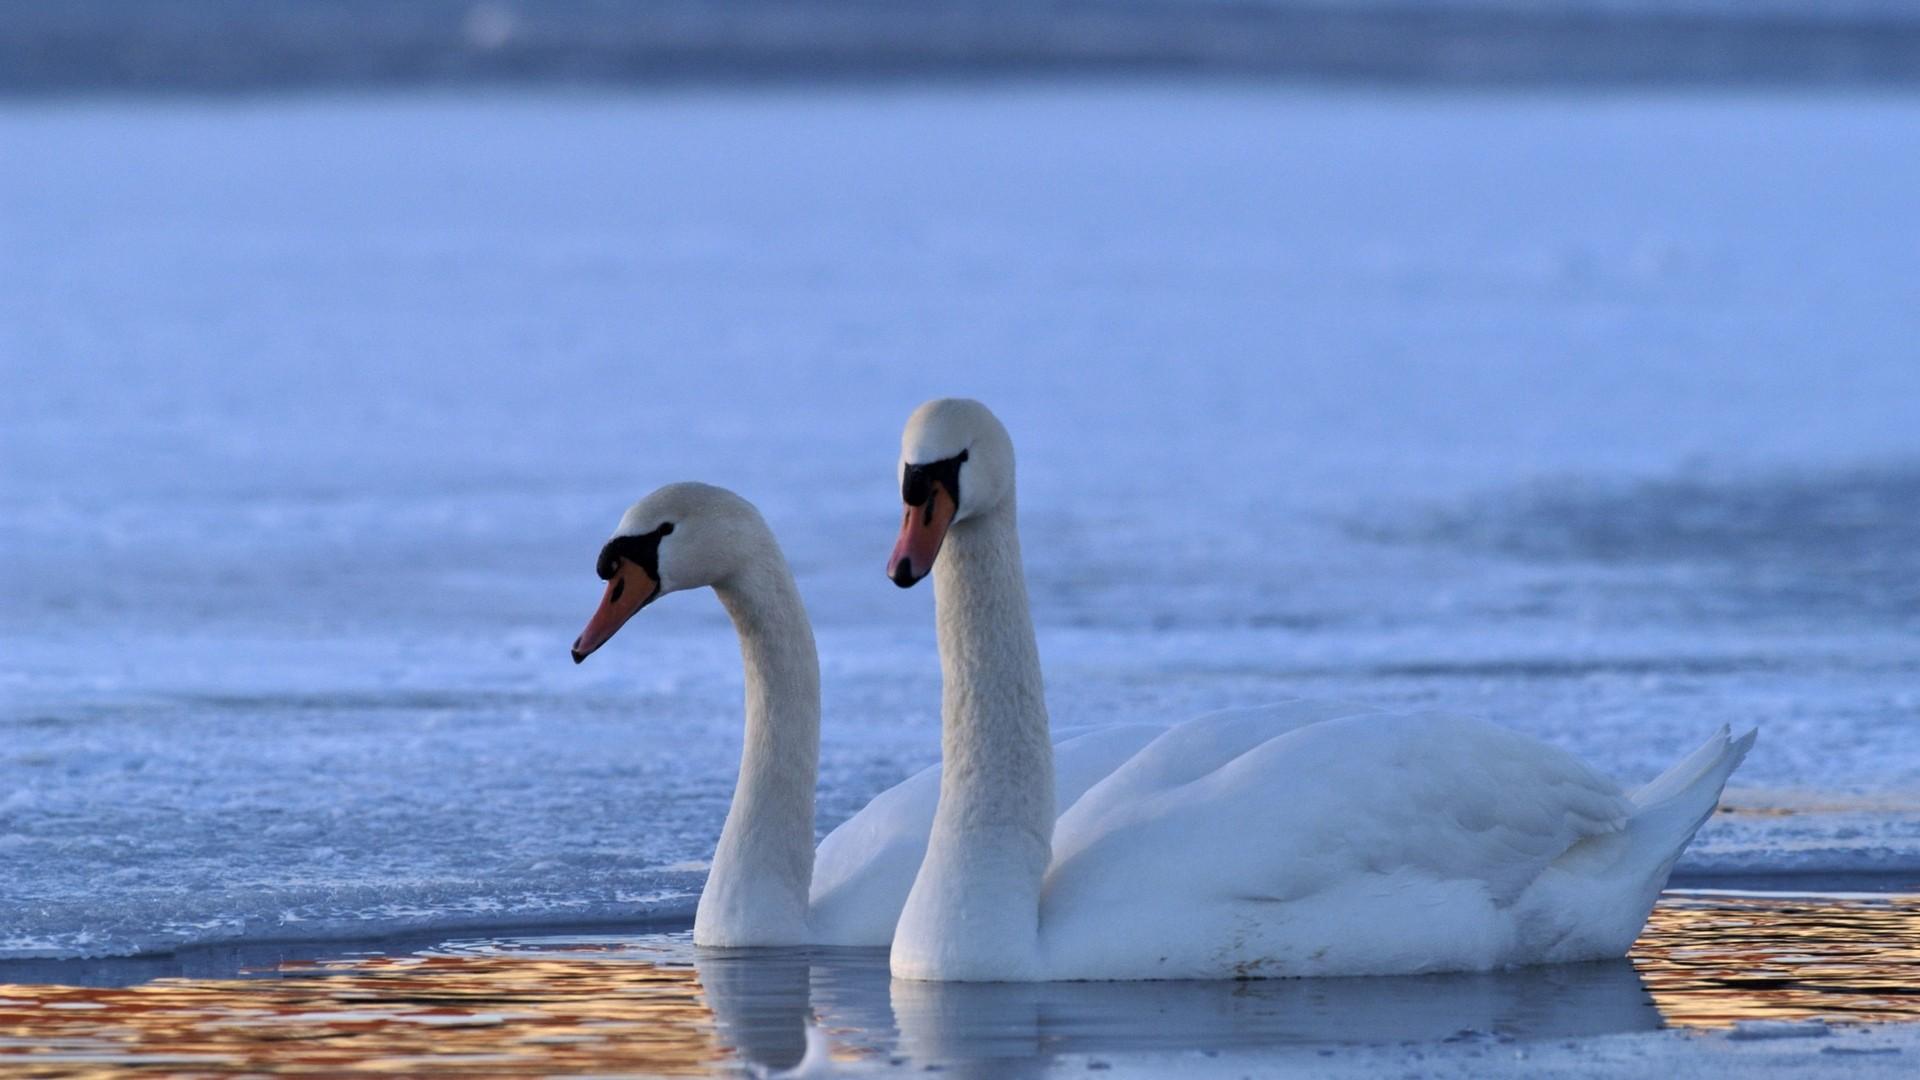 Swan wallpaper image hd